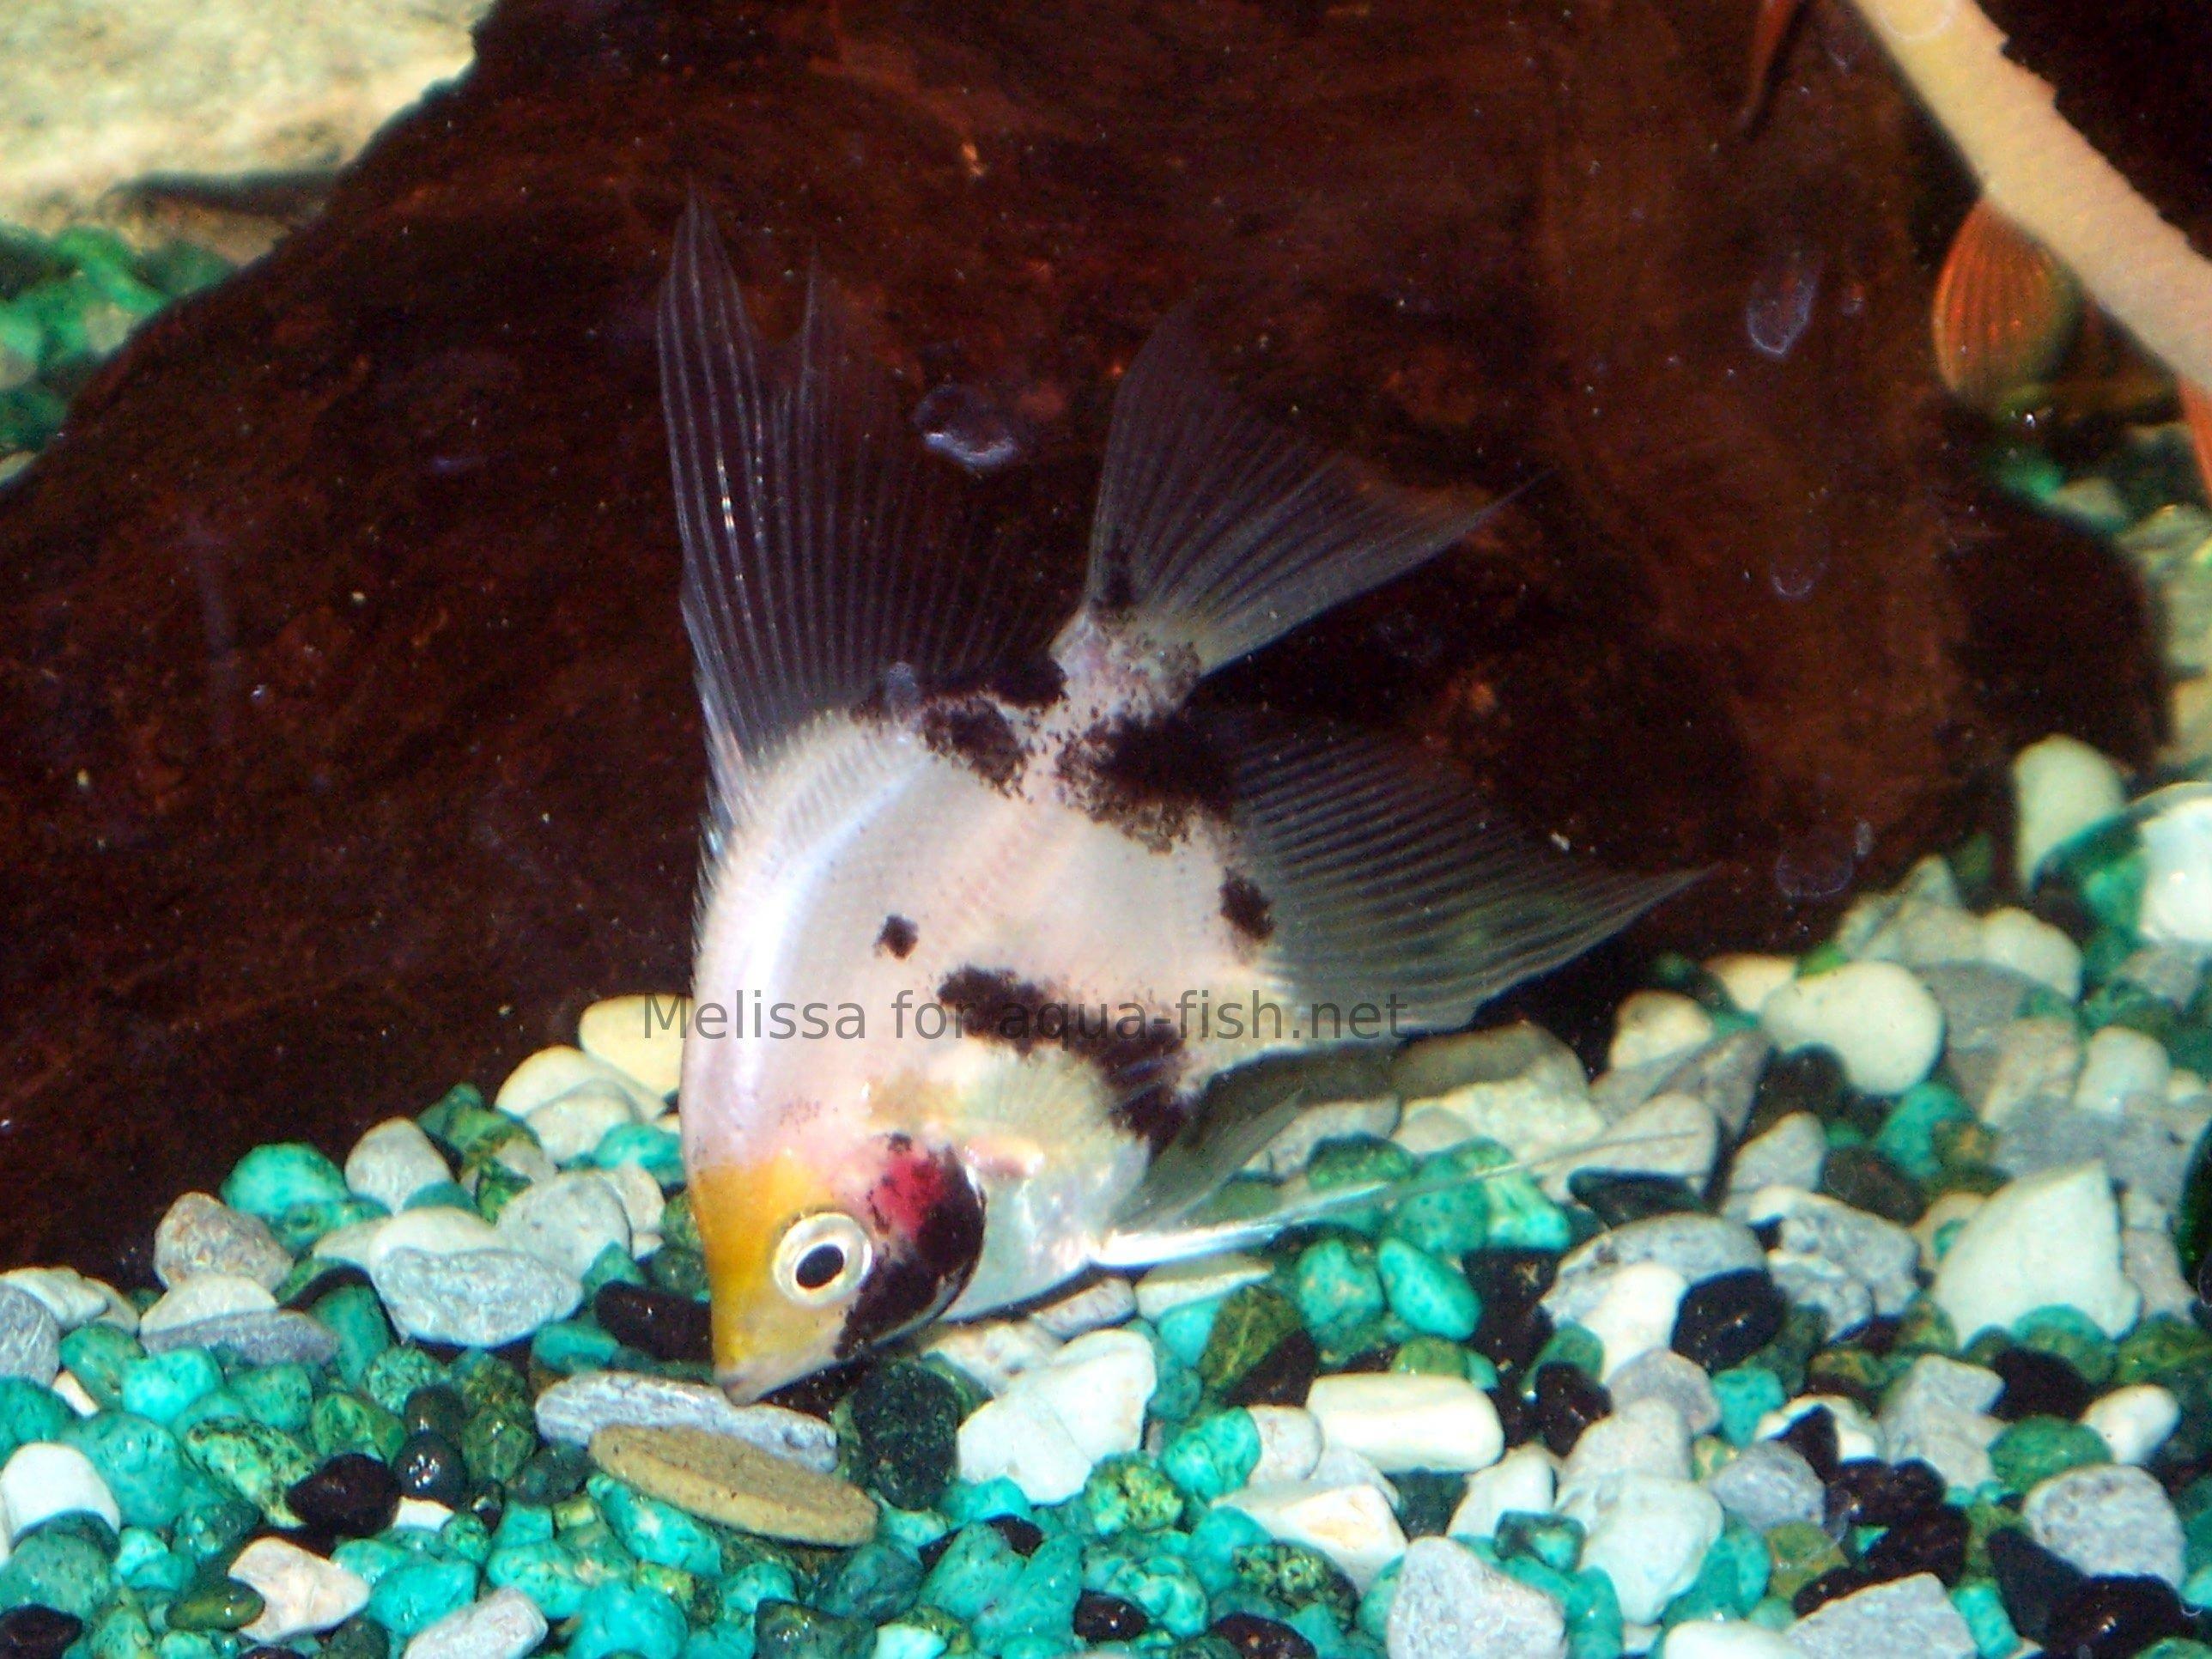 Freshwater aquarium fish breeding - Angelfish